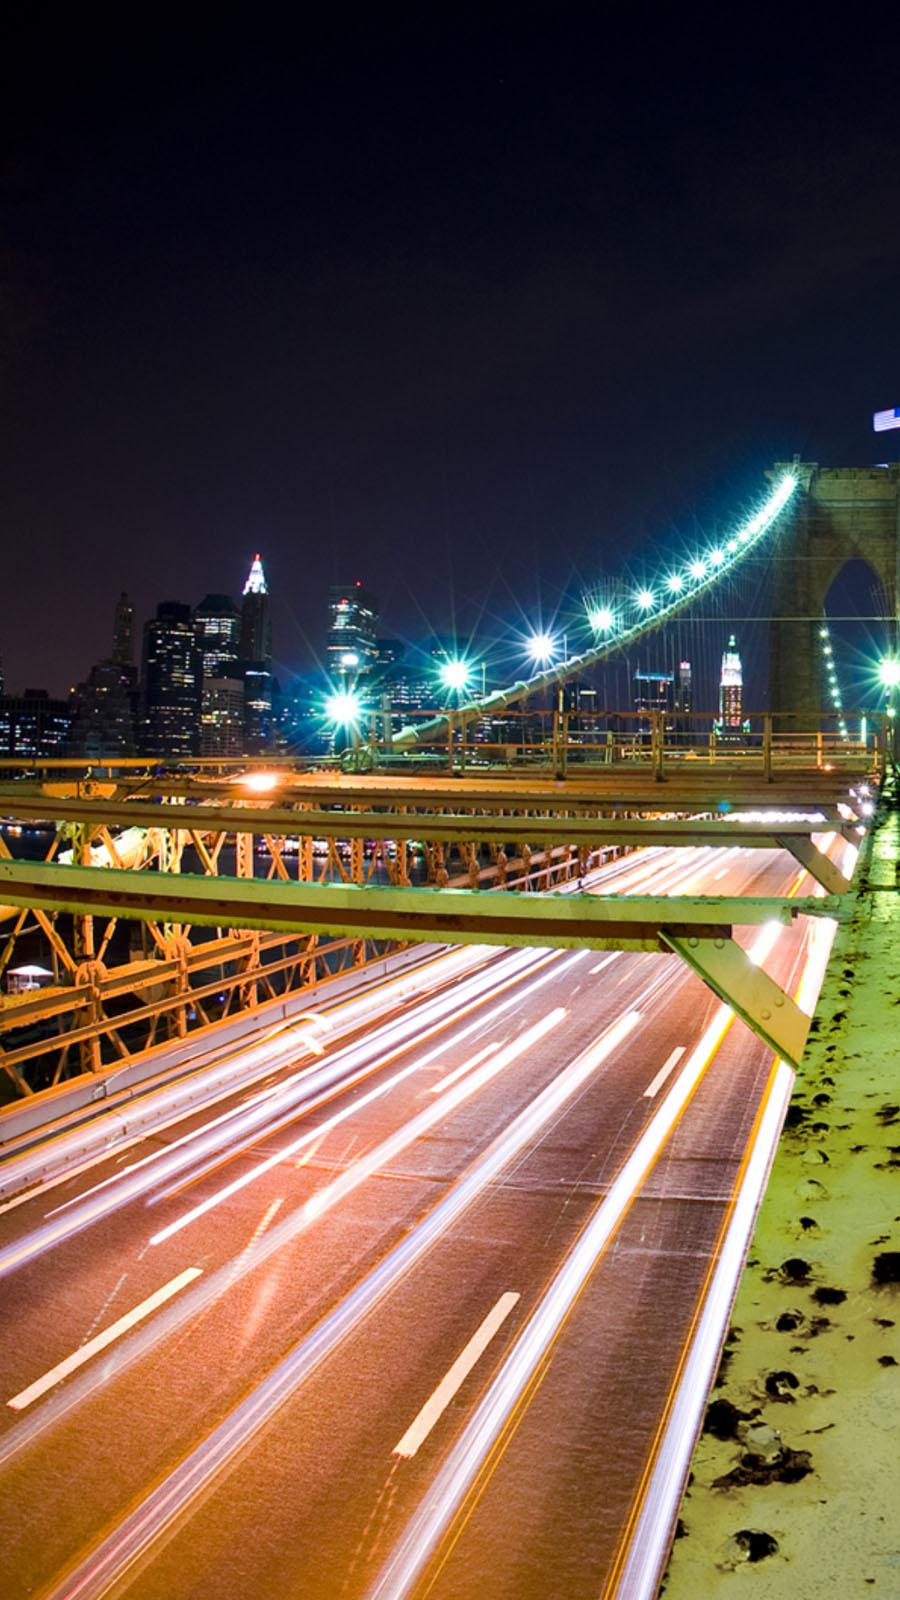 Wallpaper HD Keren Tema Pemandangan Kota Dunia